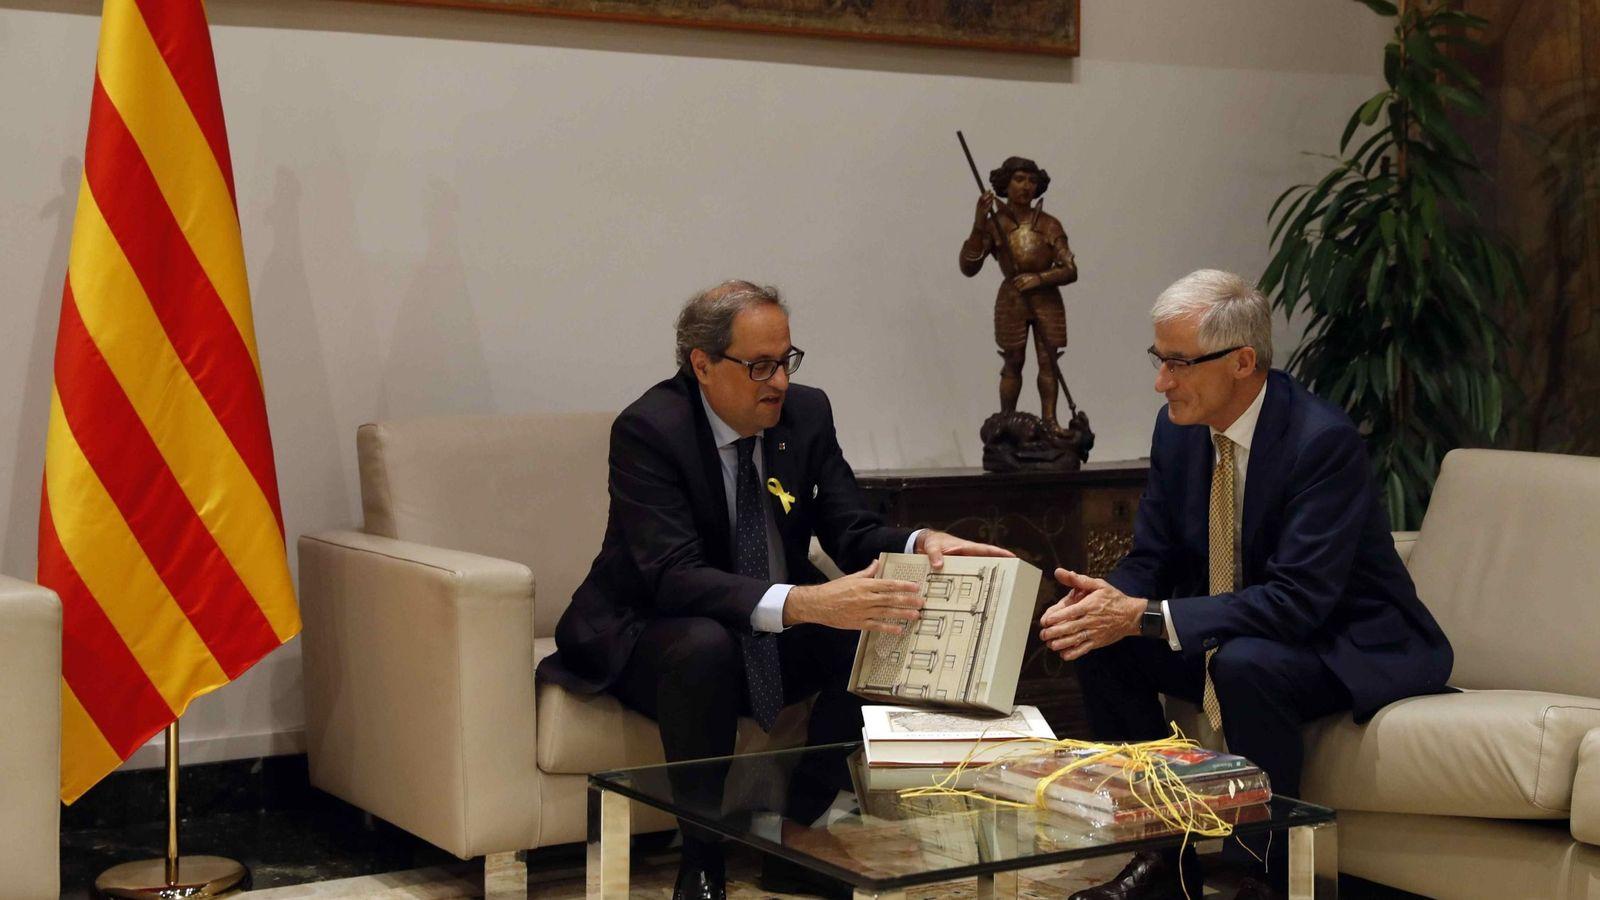 Foto: El presidente de Cataluña, Quim Torra, y el presidente de Flandes, Geert Bourgeois, el pasado mes de julio en el Palau. (EFE)